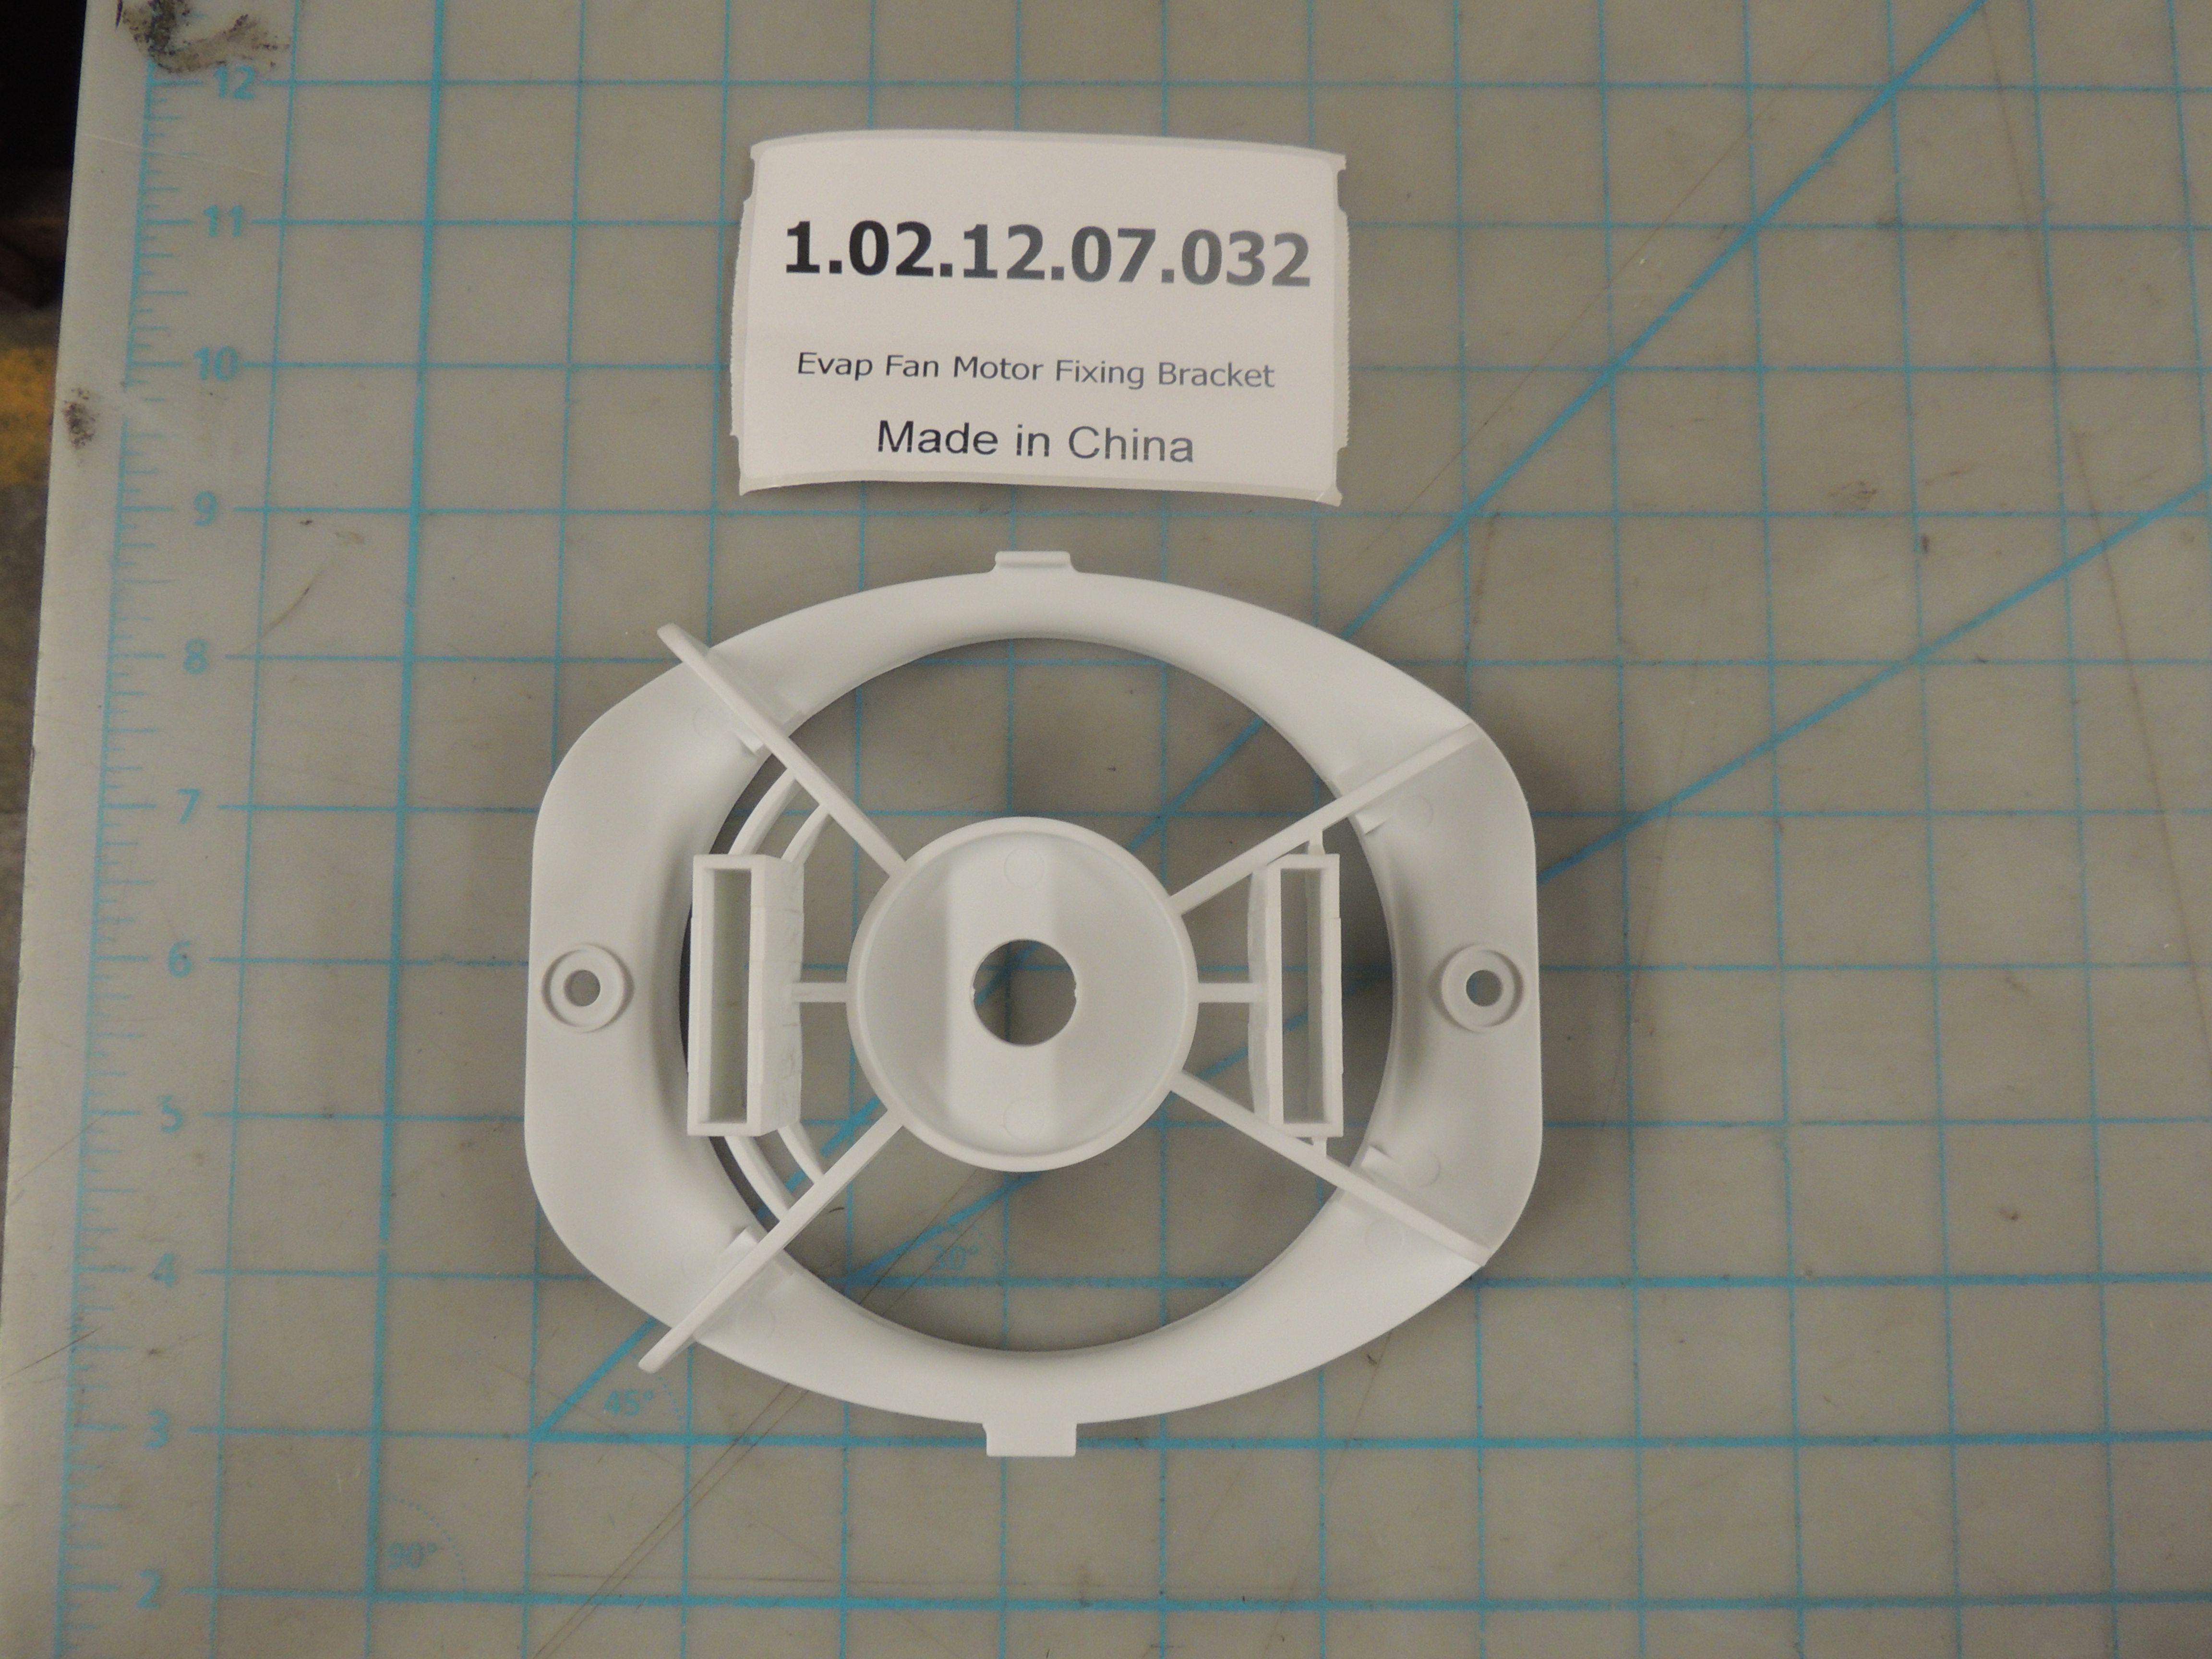 Evaporative Fan Motor Bracket